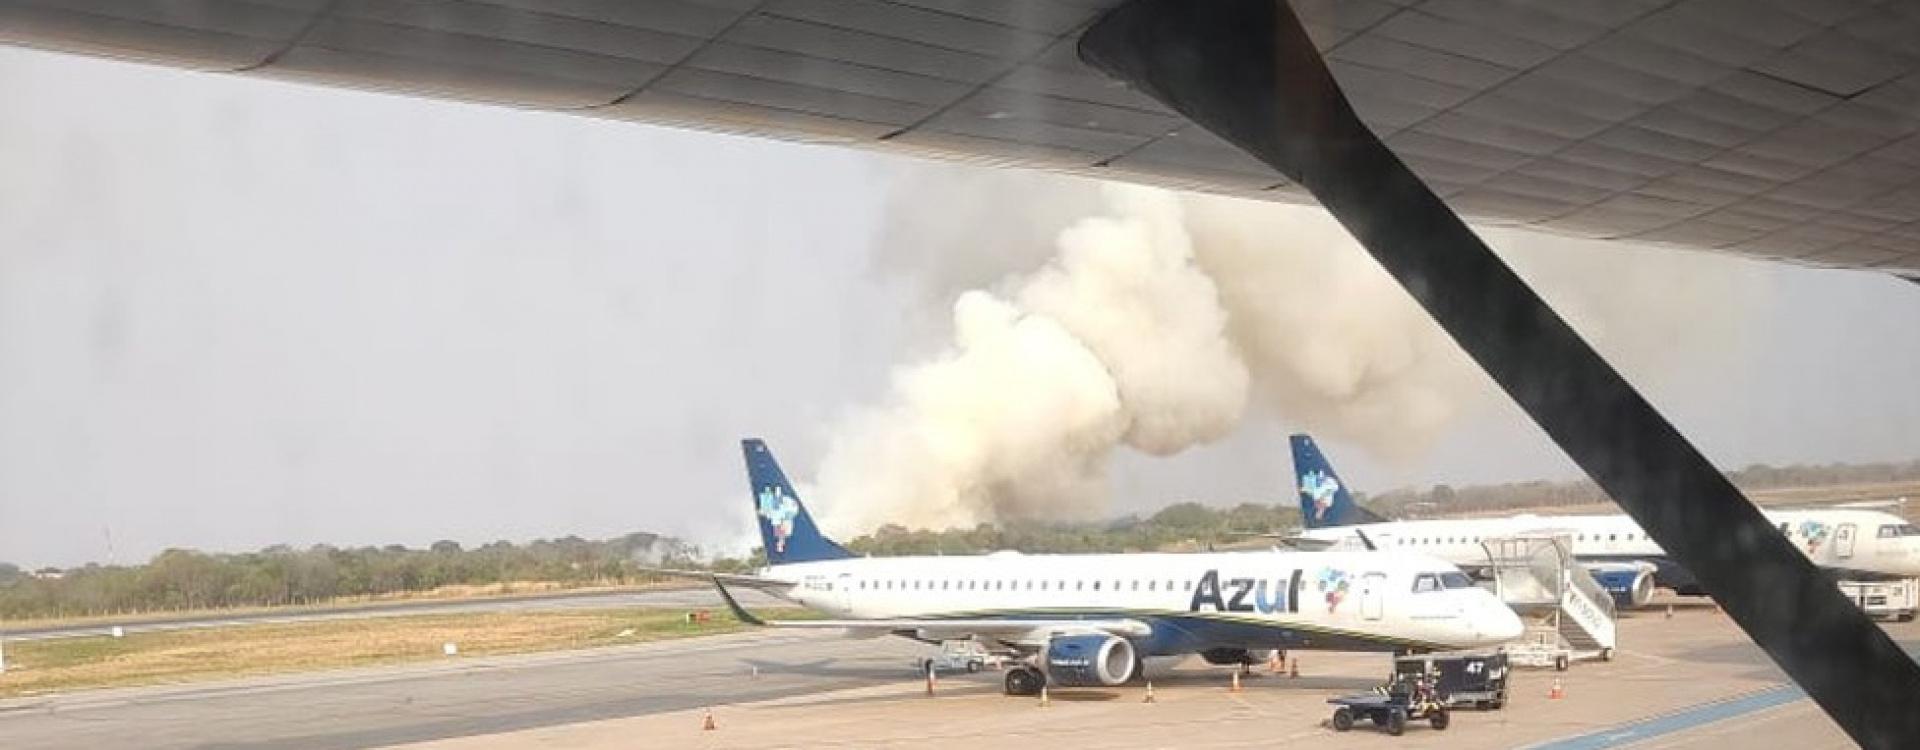 Incêndio atinge vegetação no Aeroporto Marechal Rondon em Várzea Grande (MT)